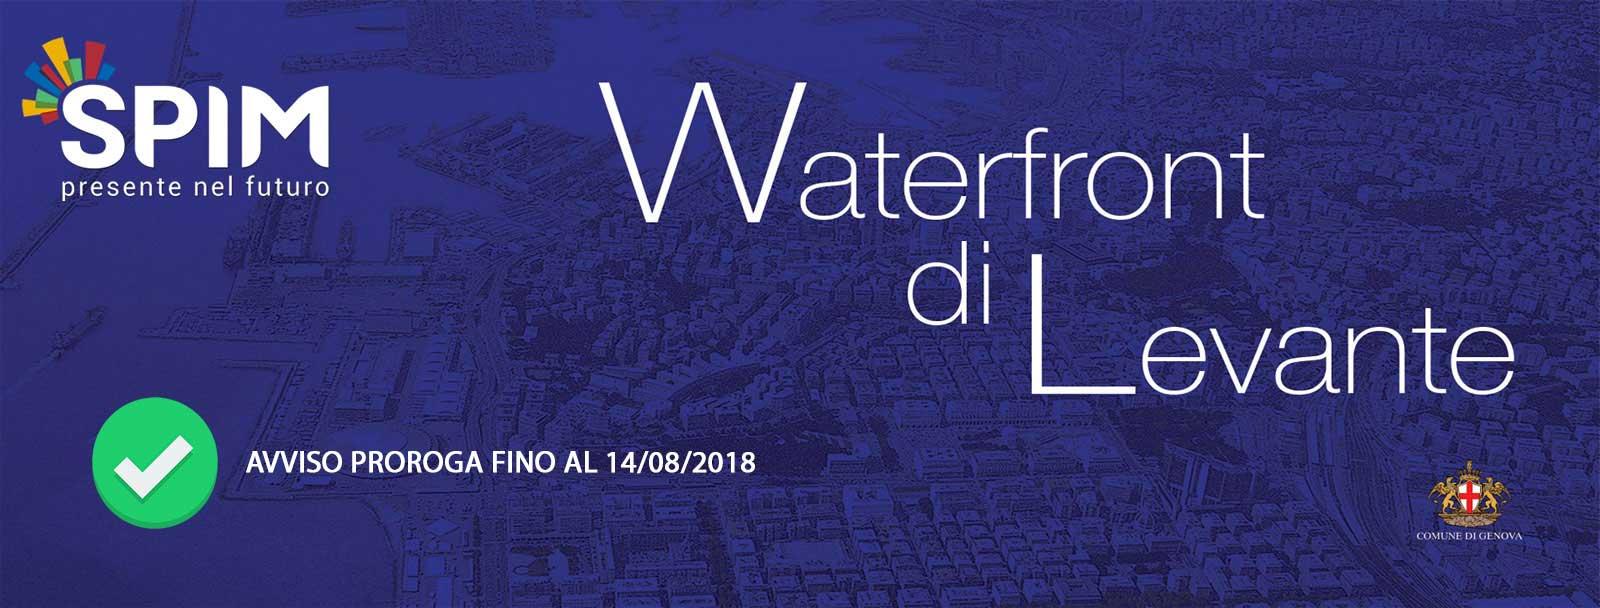 waterfront-di-levante-1